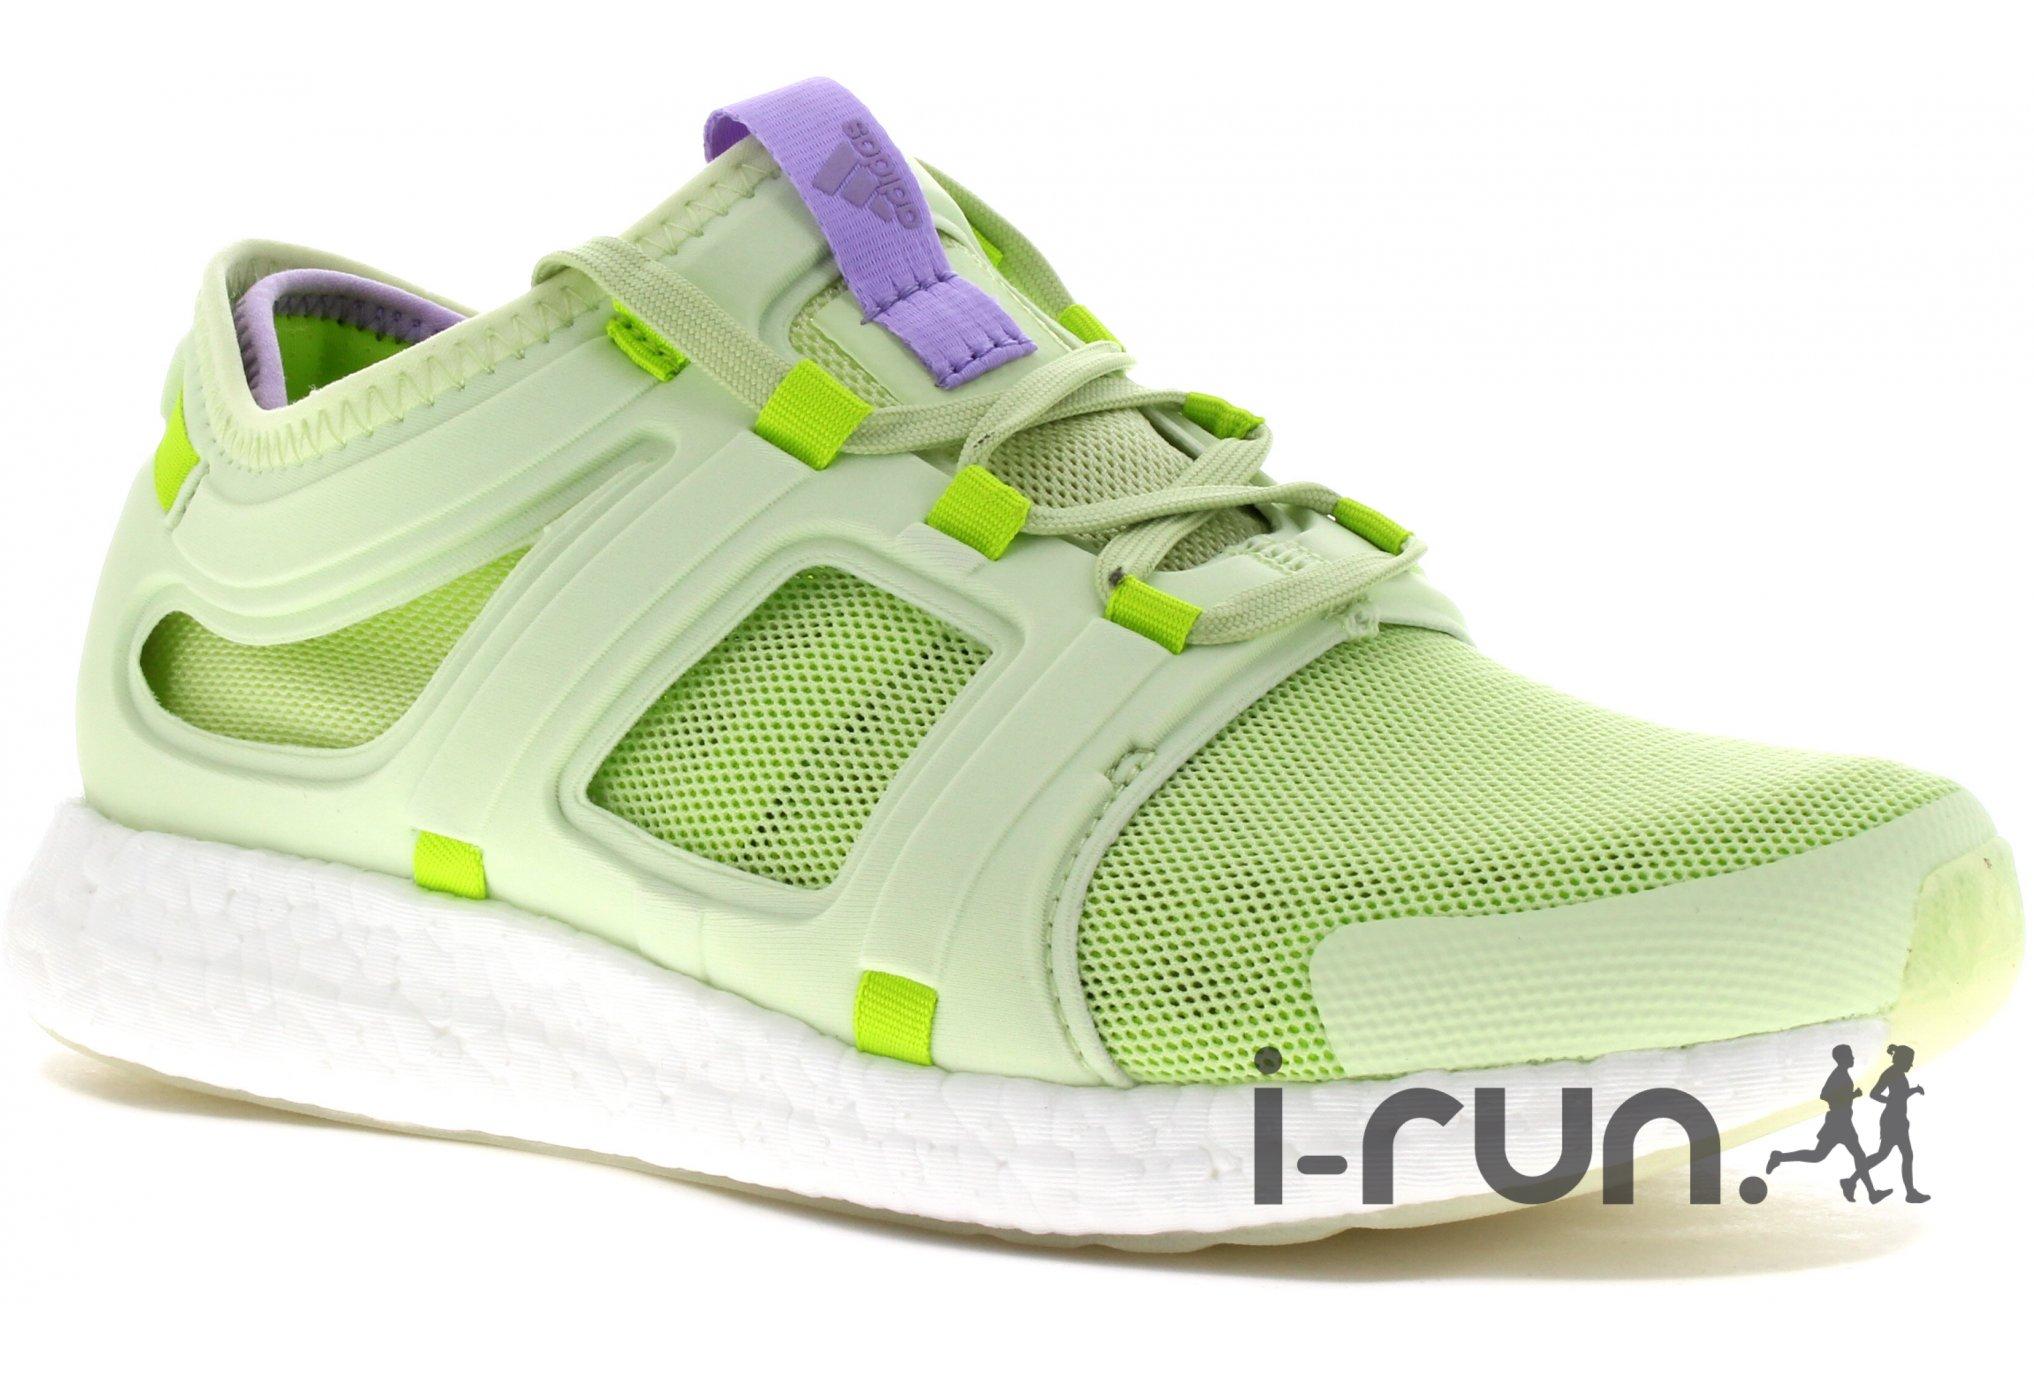 Adidas Climachill rocket boost w diététique chaussures femme